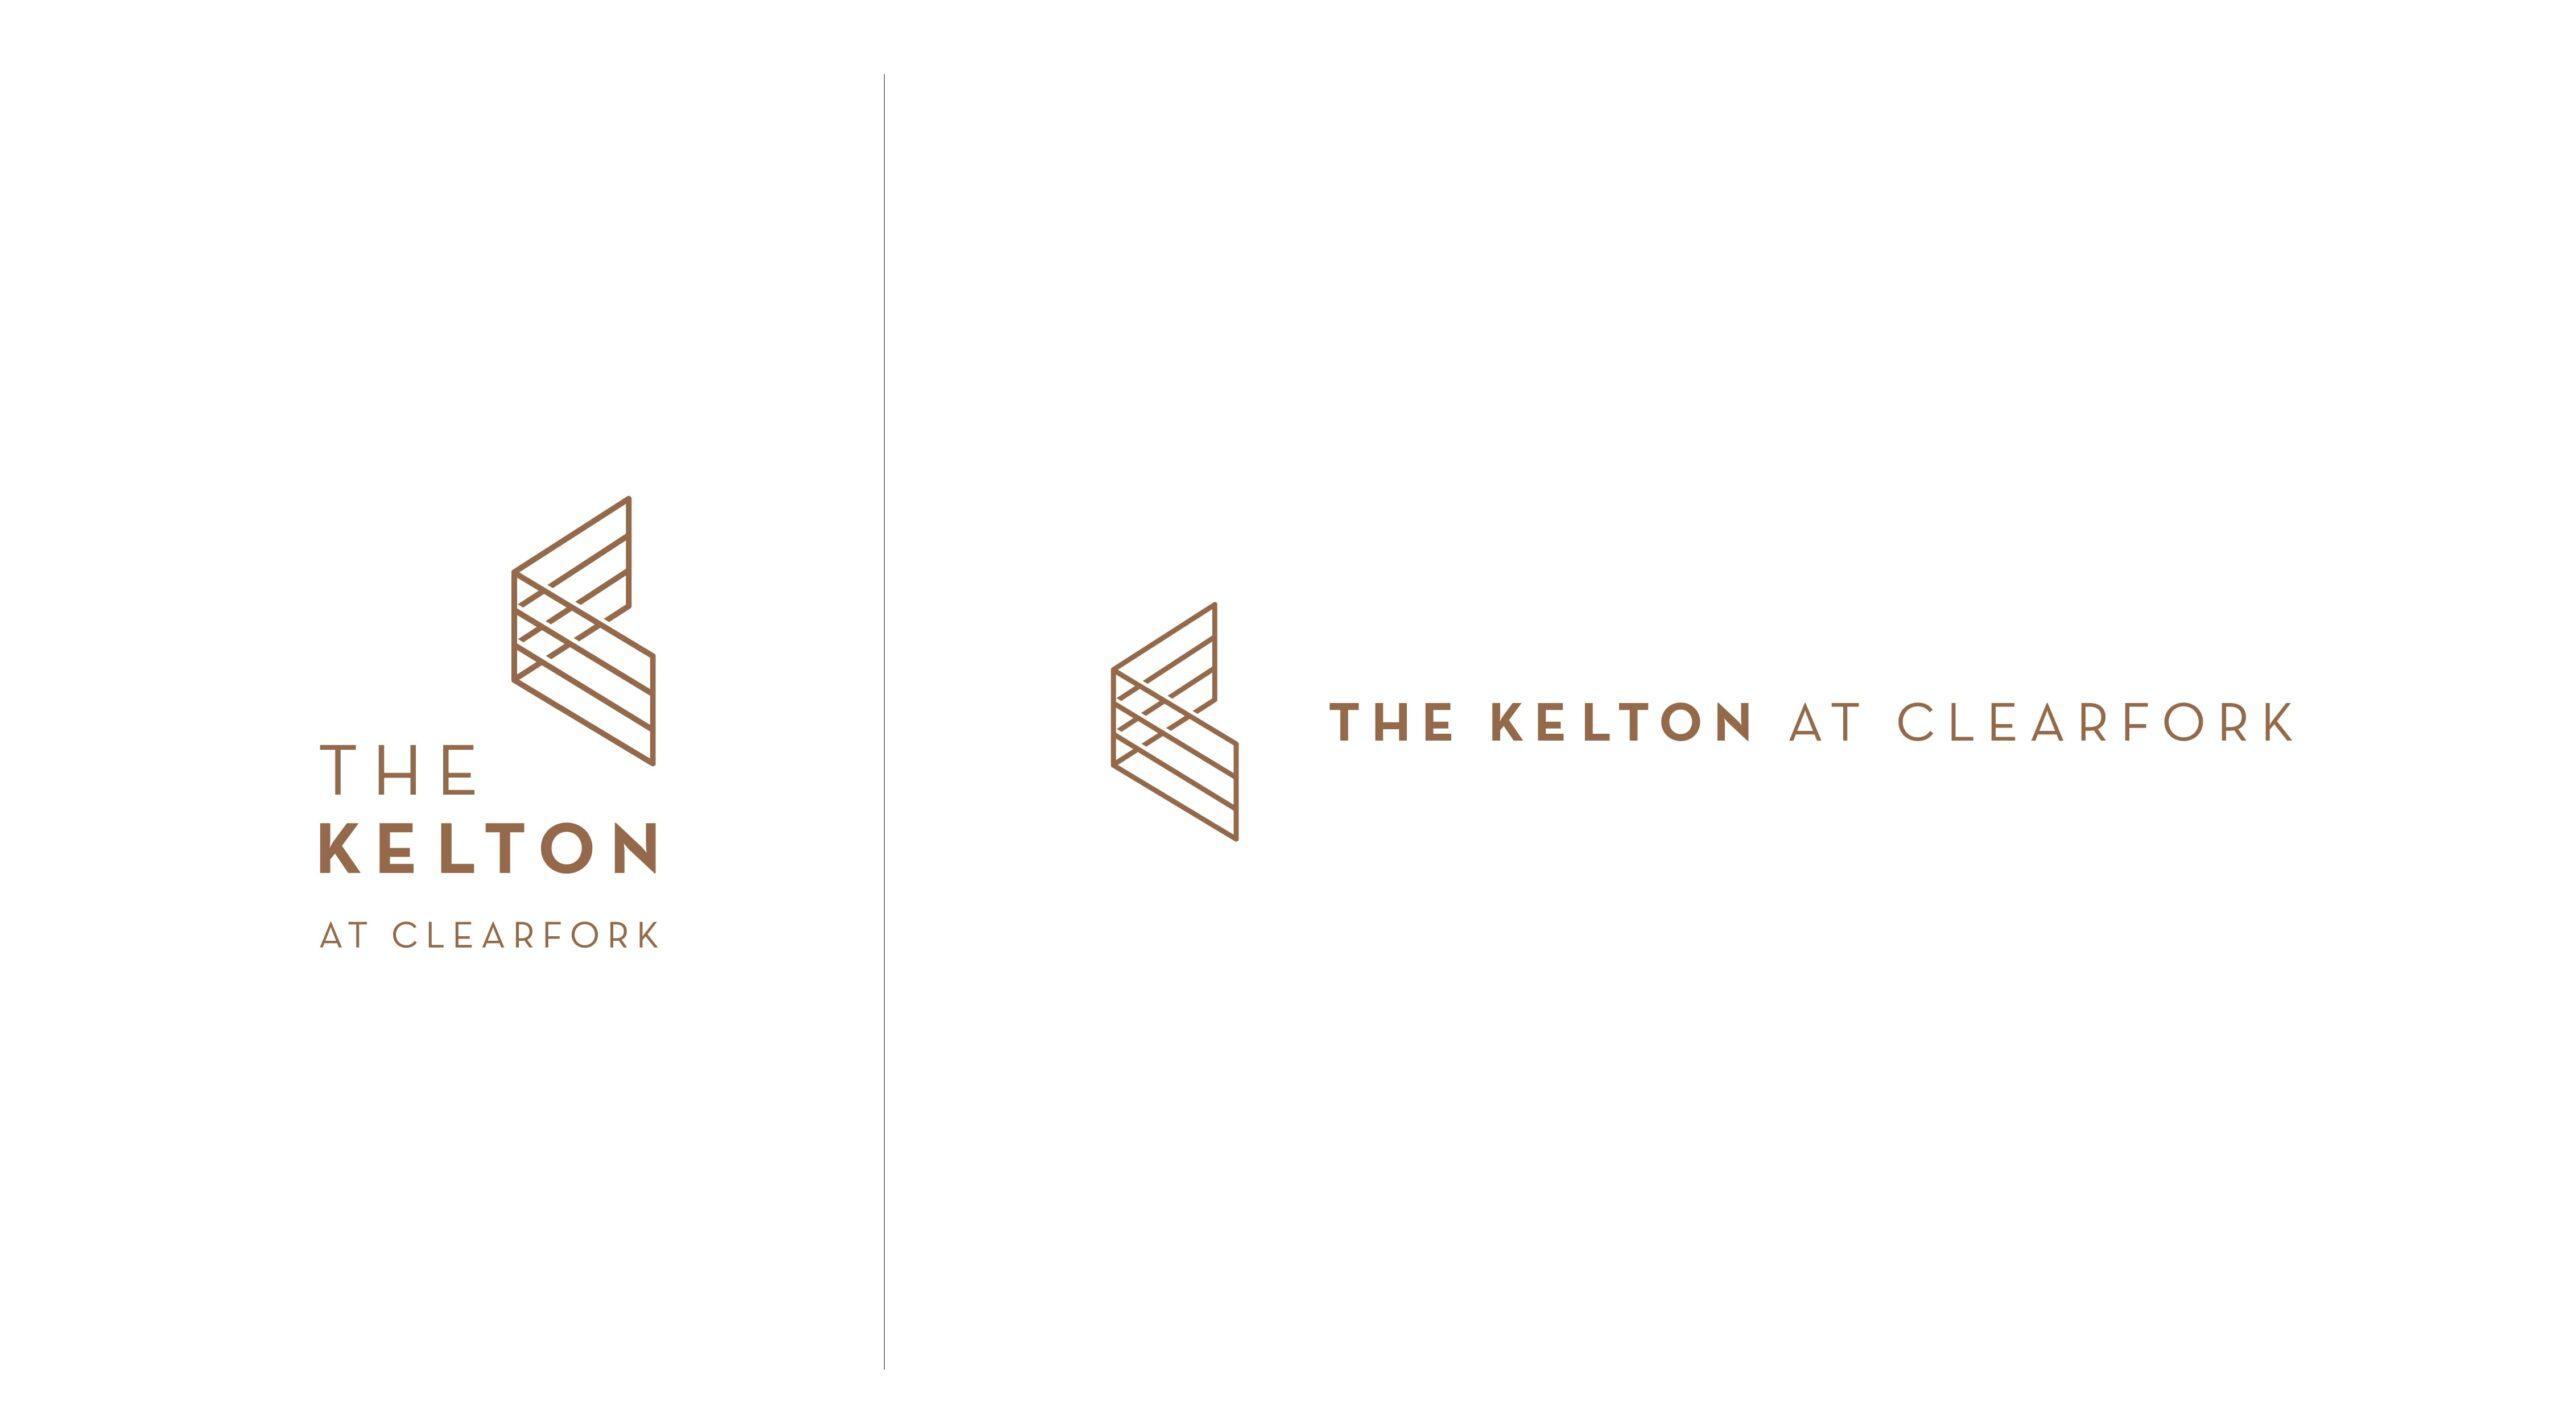 The Kelton Case Study Logo Comparison